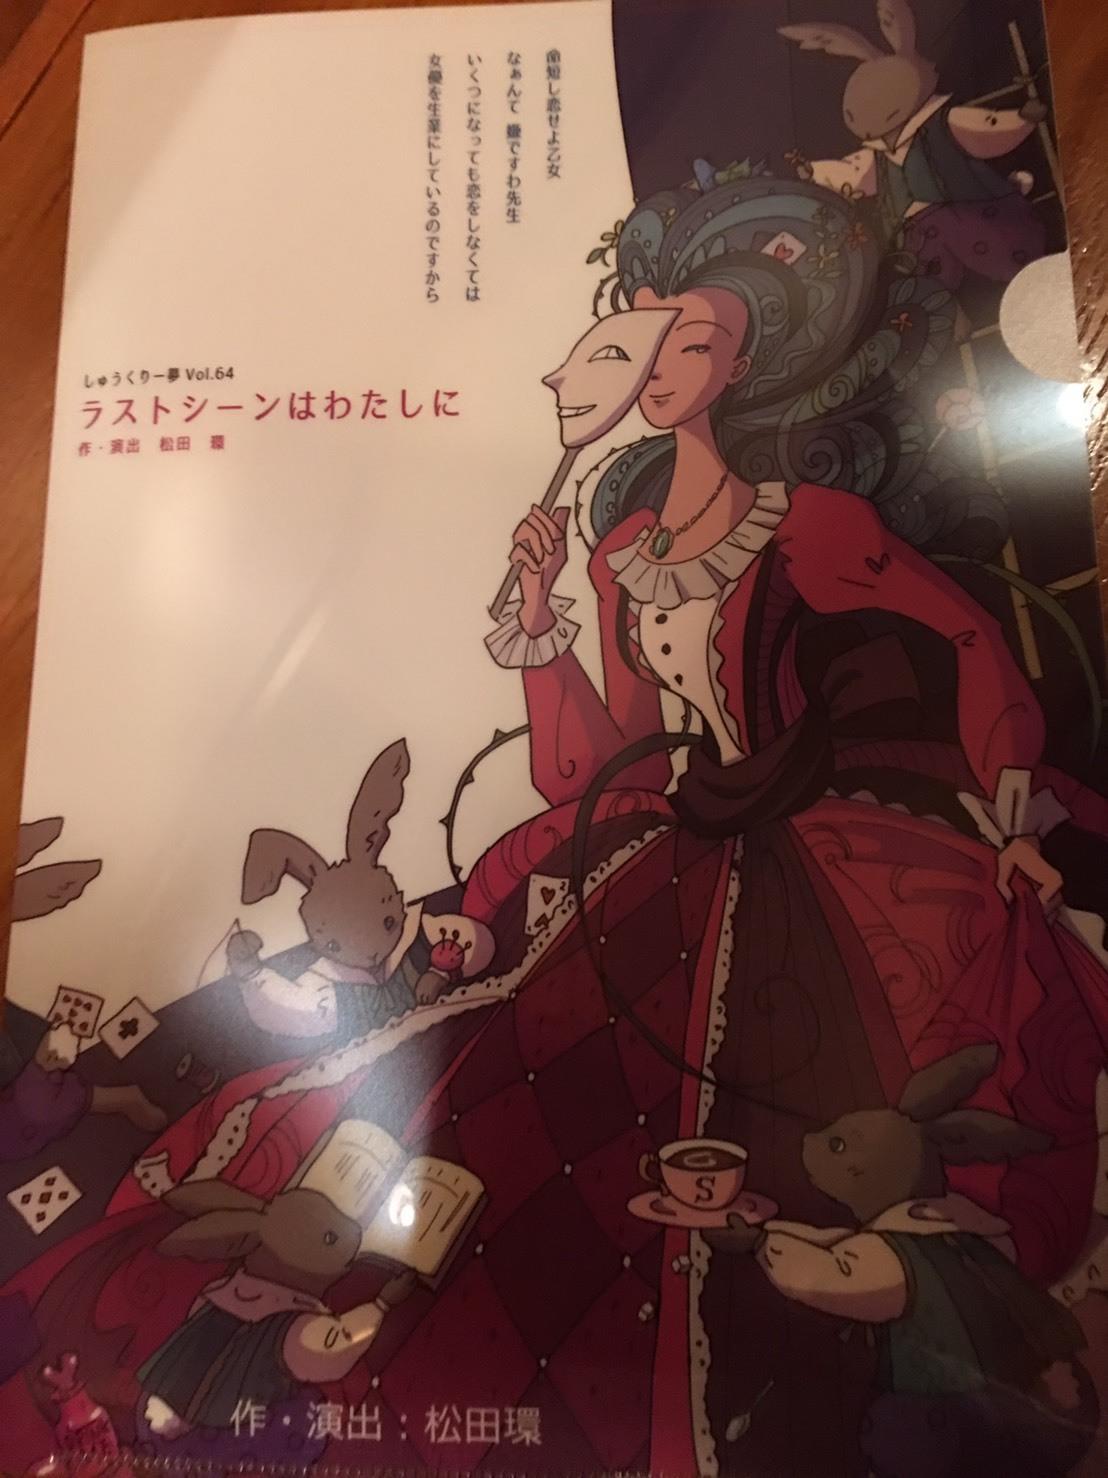 劇団しゅうくりー夢 Vol.64 ラストシーンはわたしに_a0163623_01240630.jpg